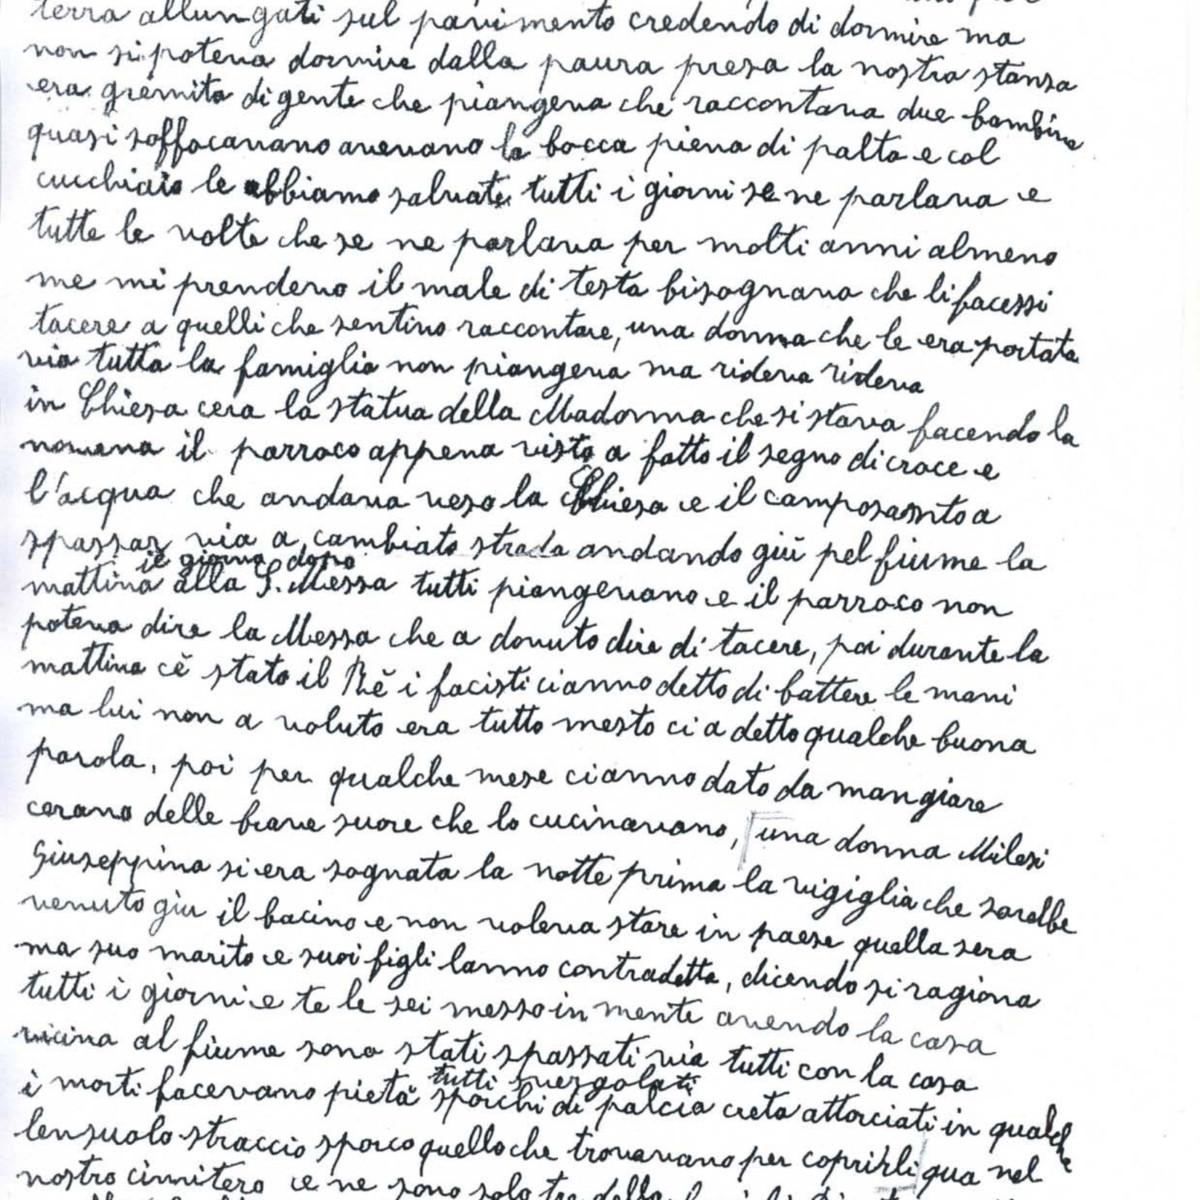 Lettera di Moreschi Pierina_03